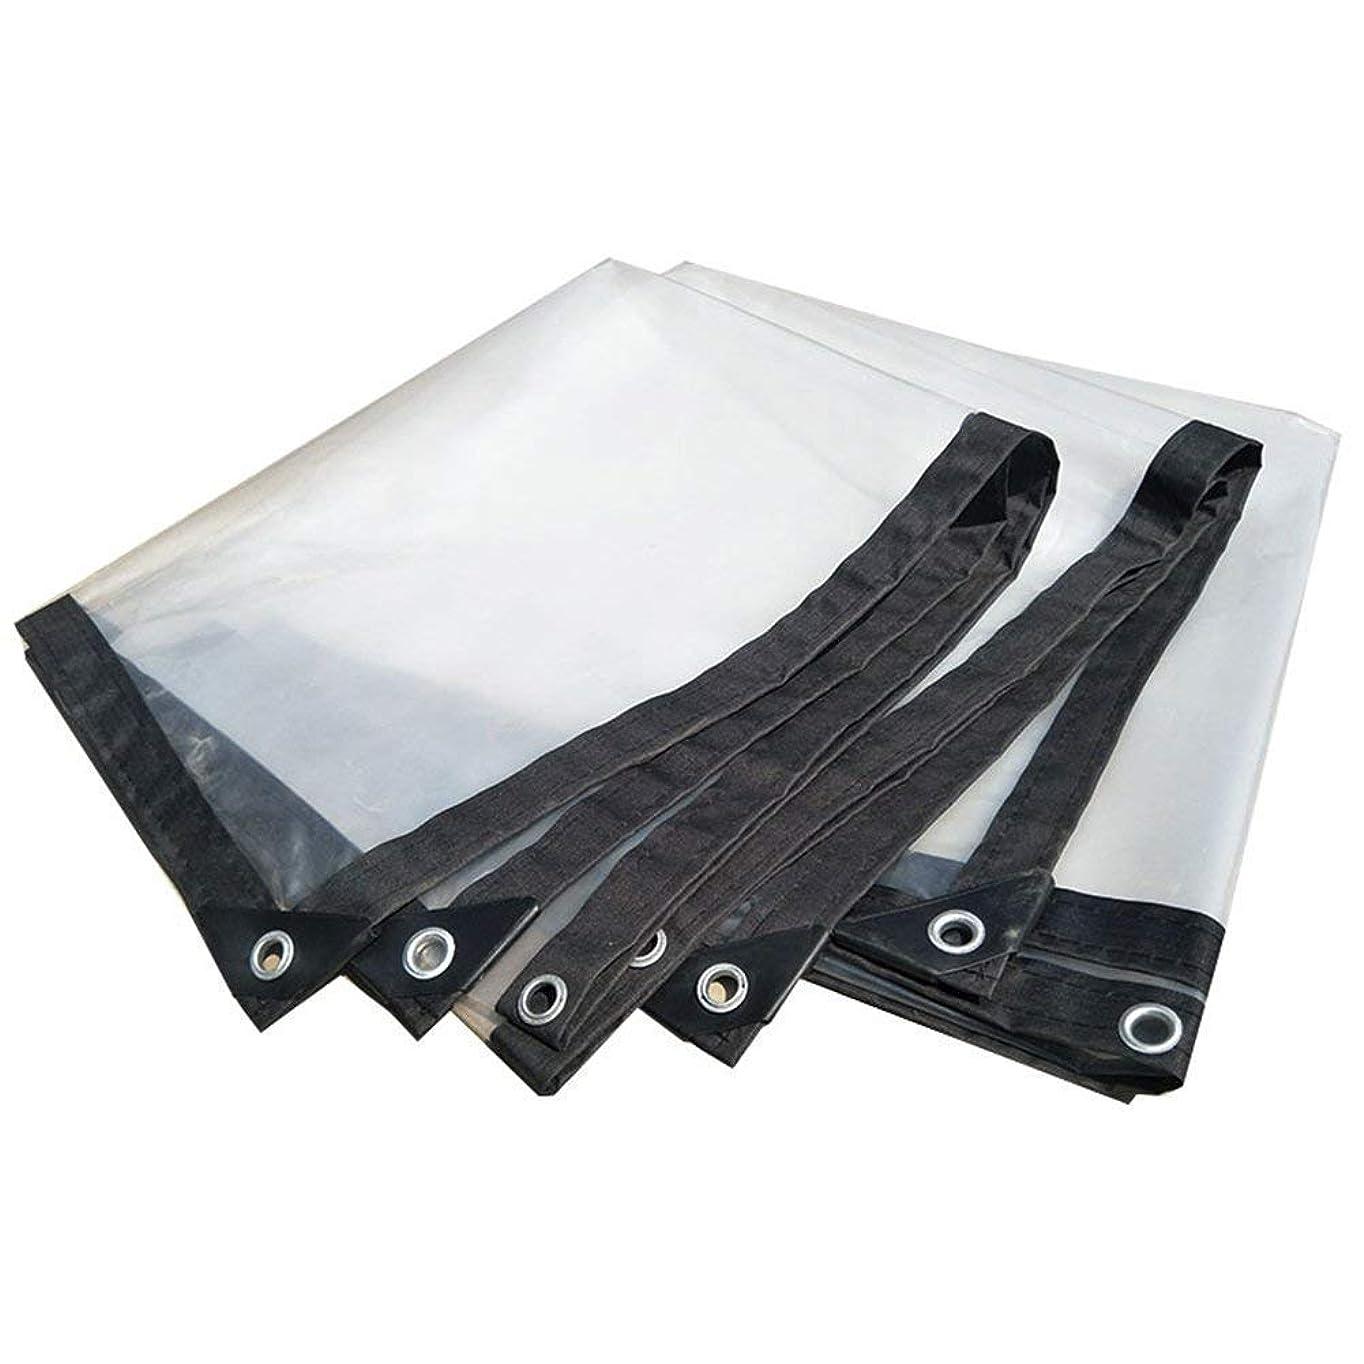 バラバラにする精緻化カセットNwn 明確な防水シート防水頑丈なカバー防水プラスチック布フィルムアンチエイジング絶縁PEタープ、カスタマイズ可能な白 (サイズ さいず : 4X10m)